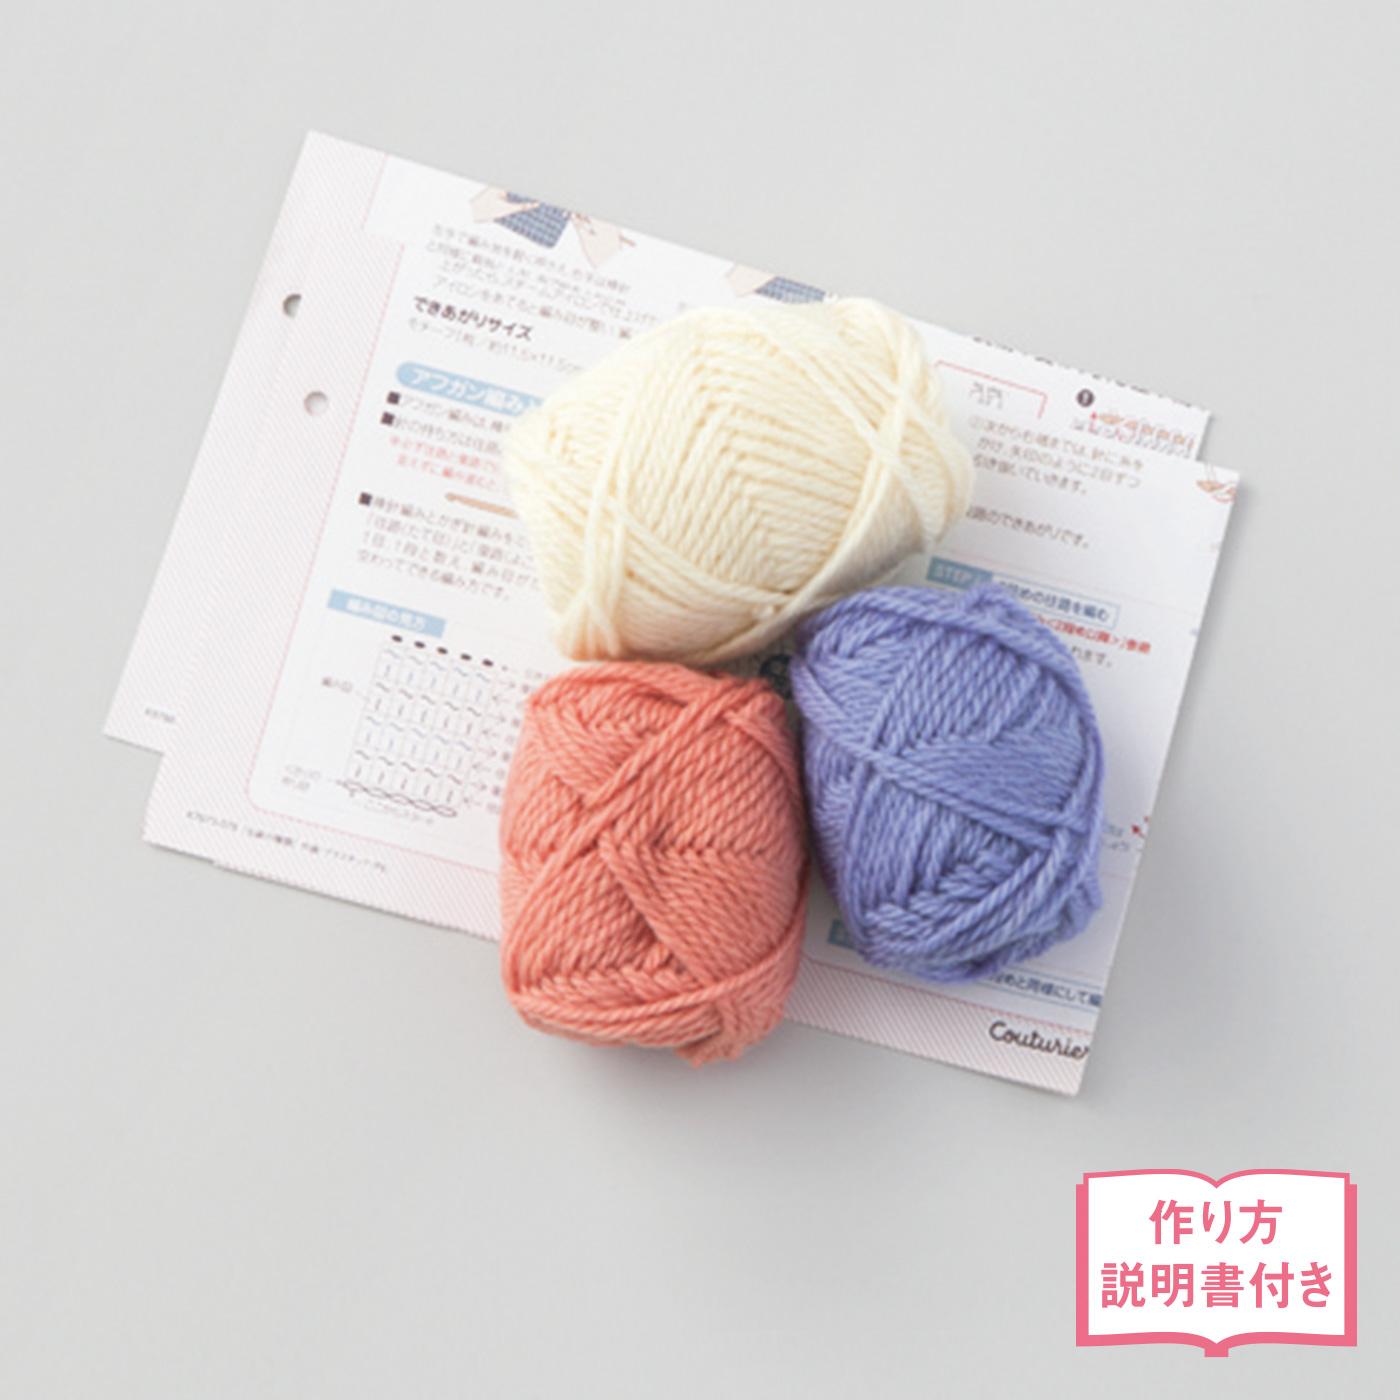 ●1回分のお届けキット例です。 毎回のお届けに試し編み用毛糸もセットされてるよ。